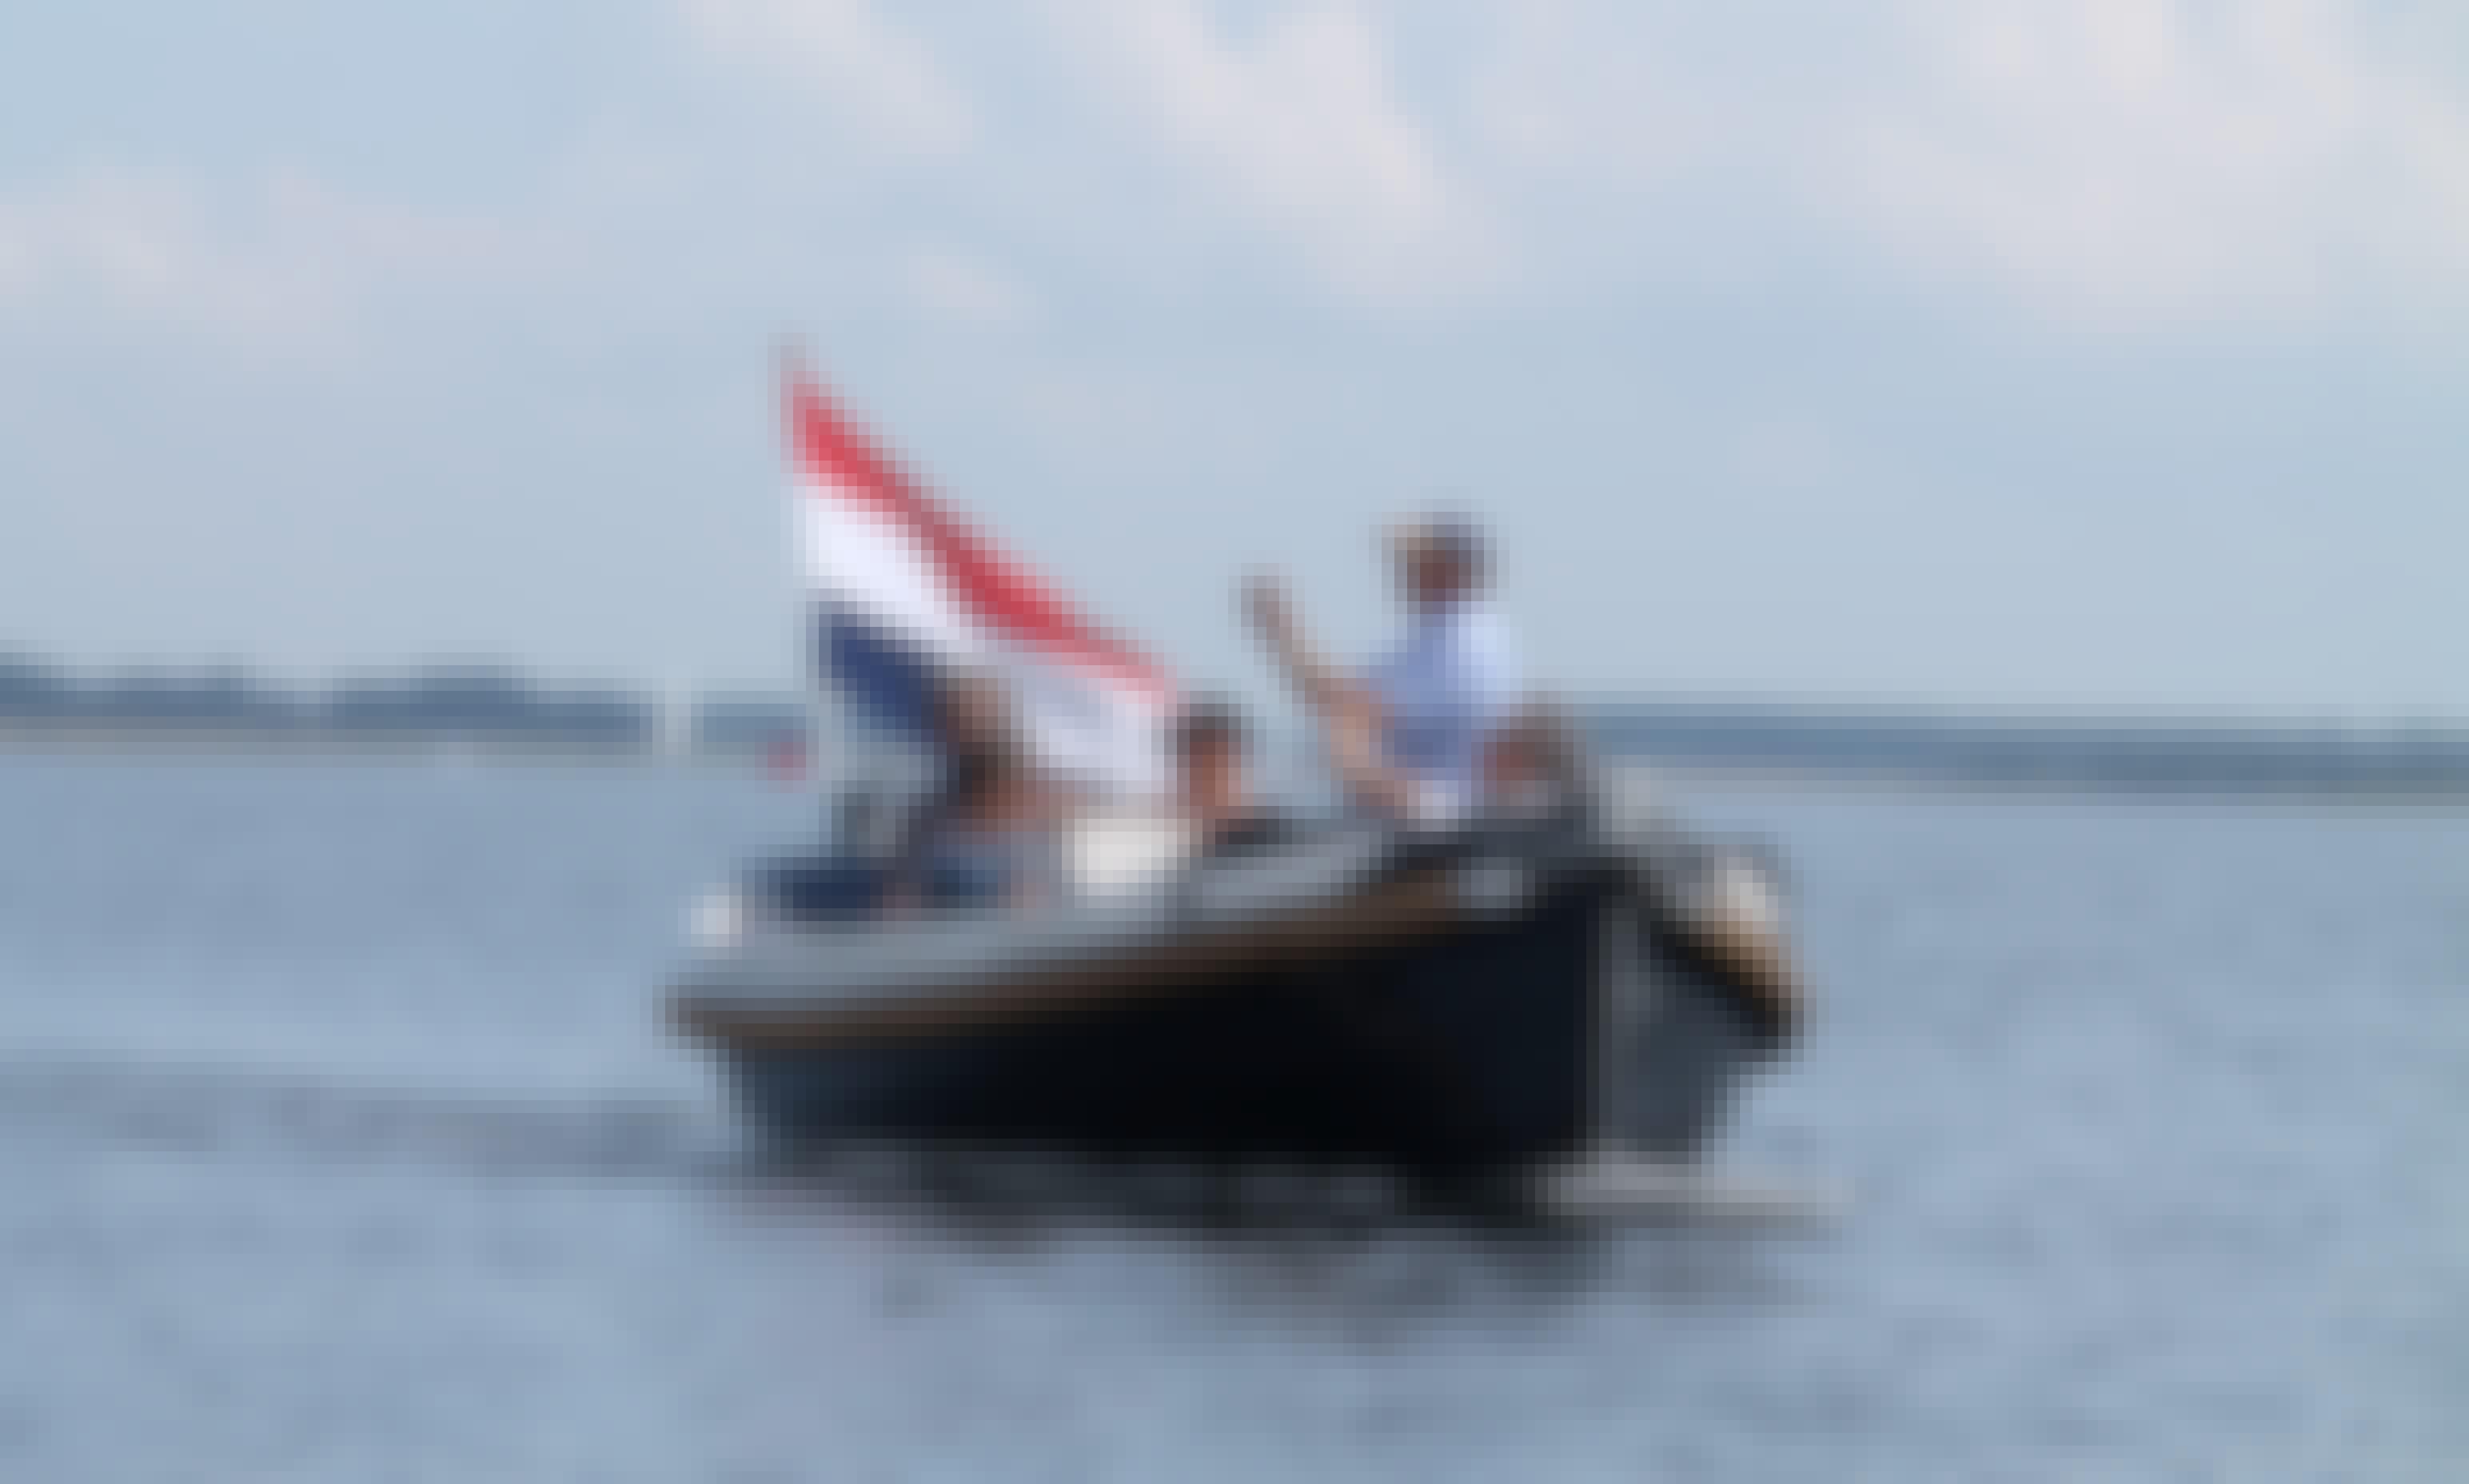 Rent this Weco 635 boat in Kortgene, Zeeland